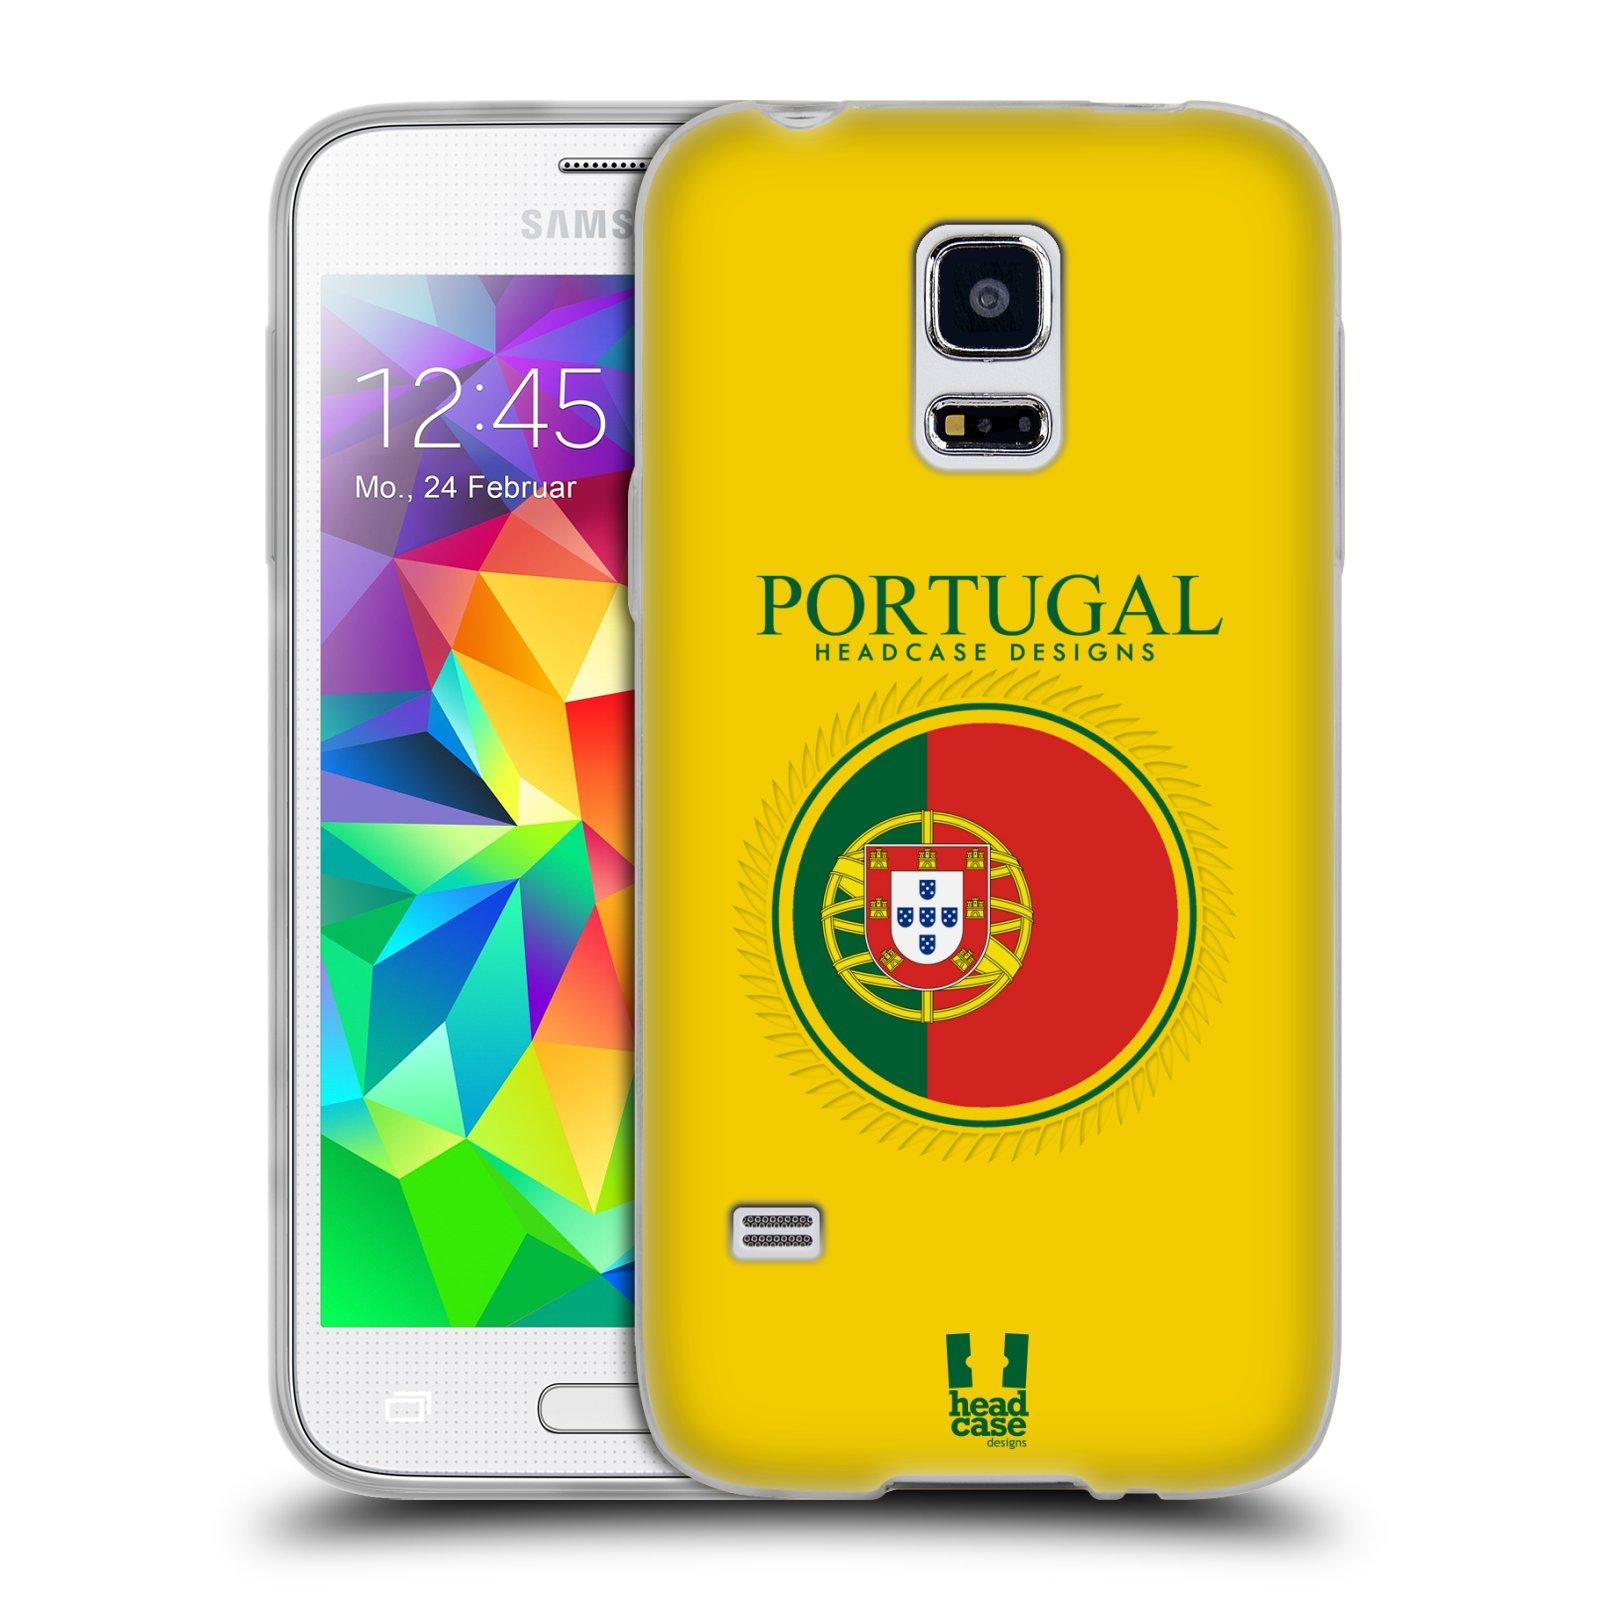 HEAD CASE silikonový obal na mobil Samsung Galaxy S5 MINI vzor Vlajky státy 2 PORTUGALSKO